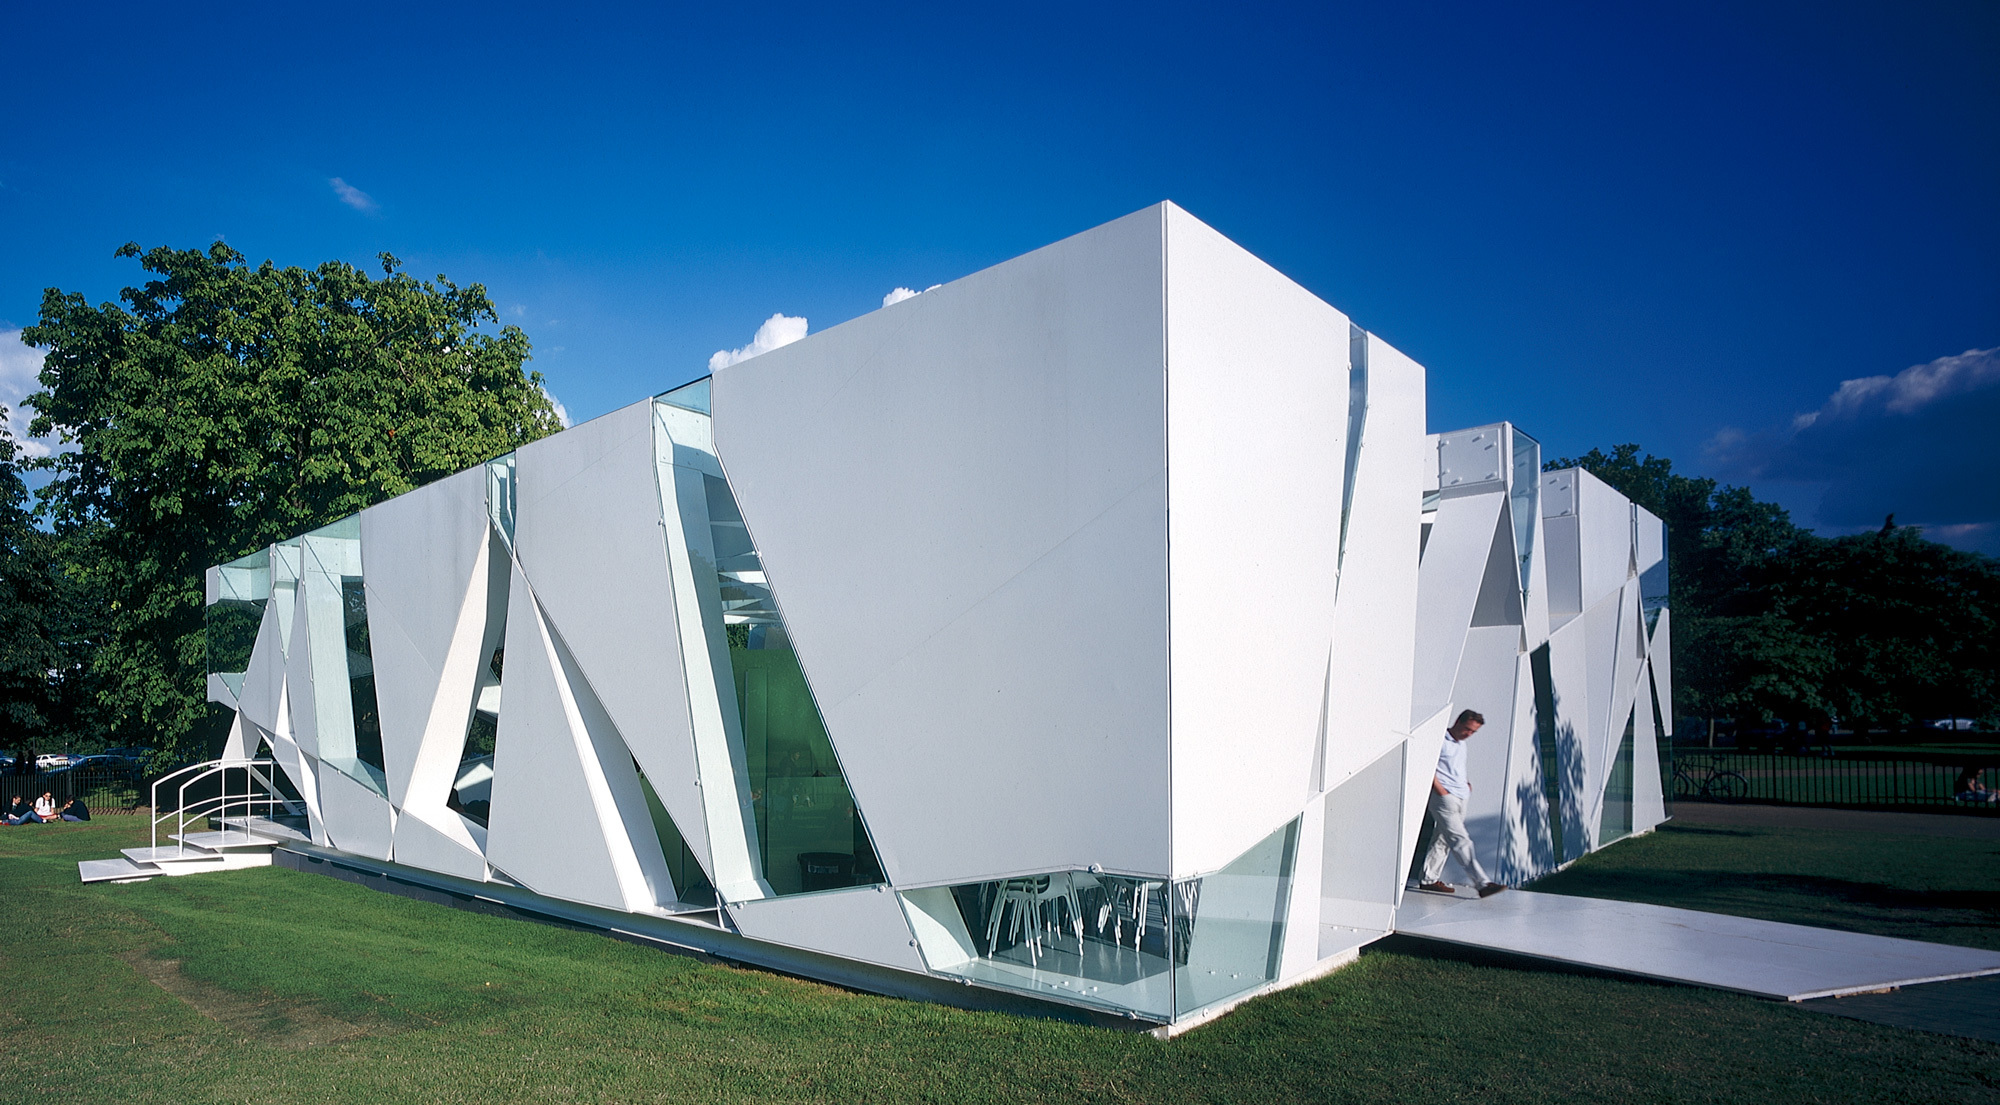 Toyo ito architecte japonais atypique et inspir - Architecte japonais ...